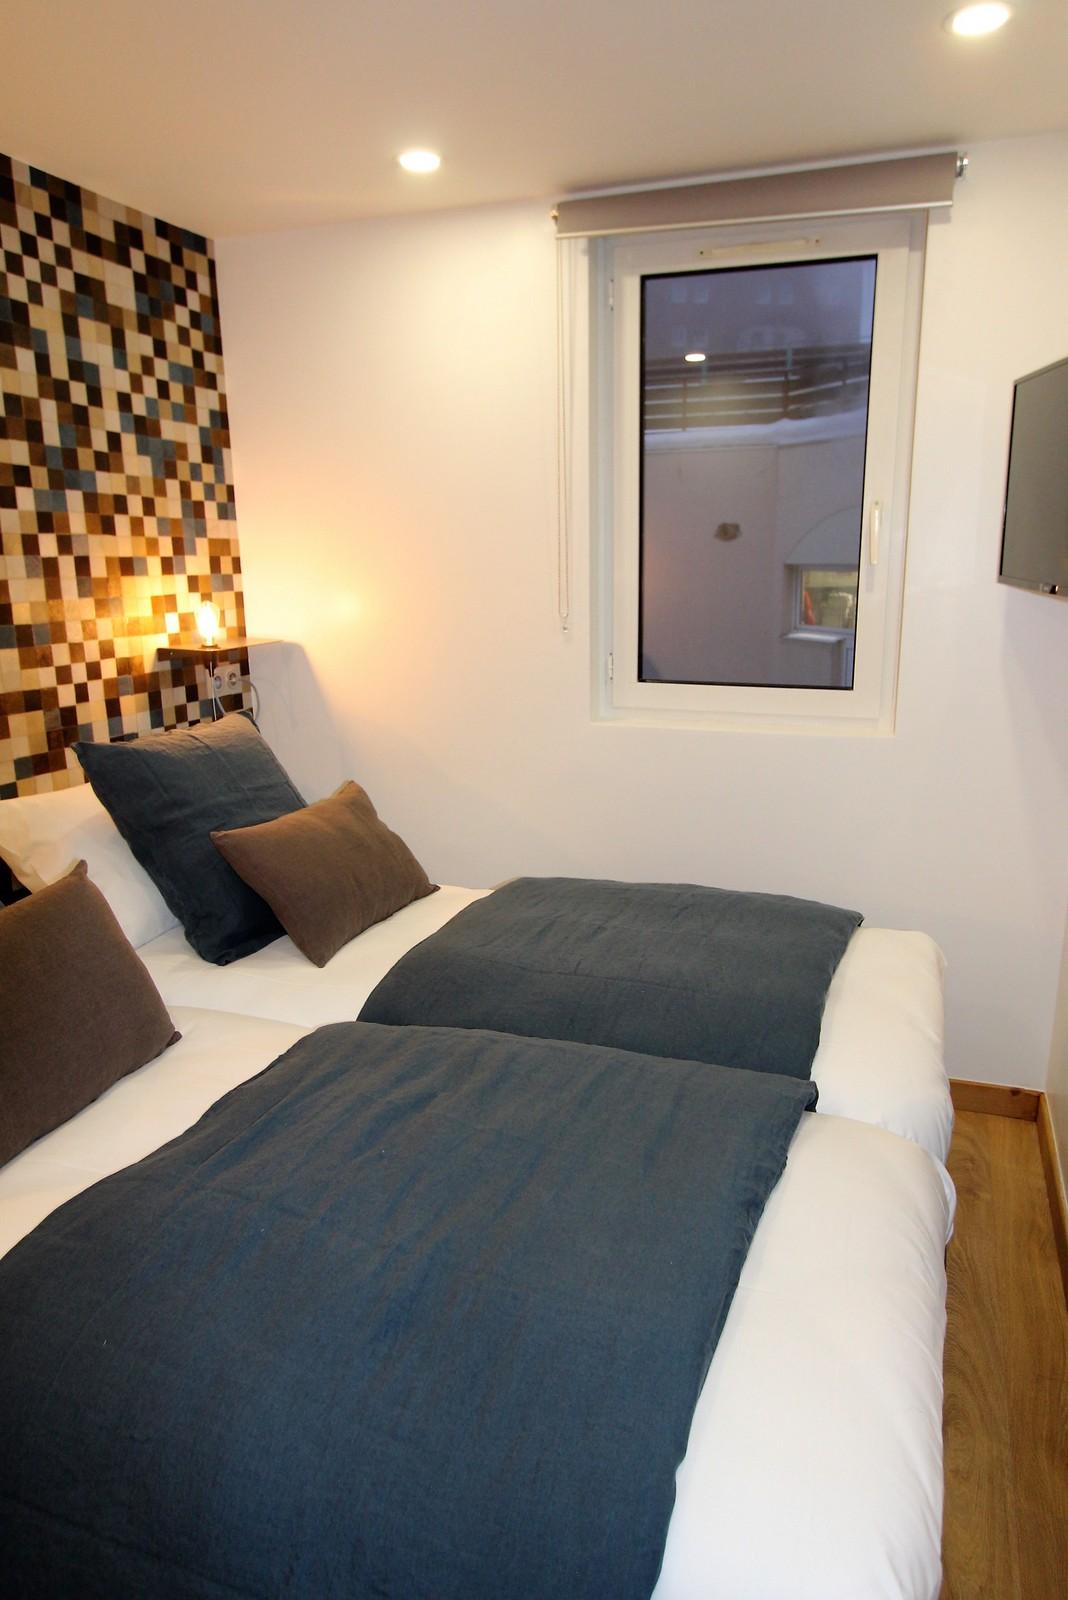 chambre confortable double tv les 2 alpespapier-peint Elytis lin HARMONY